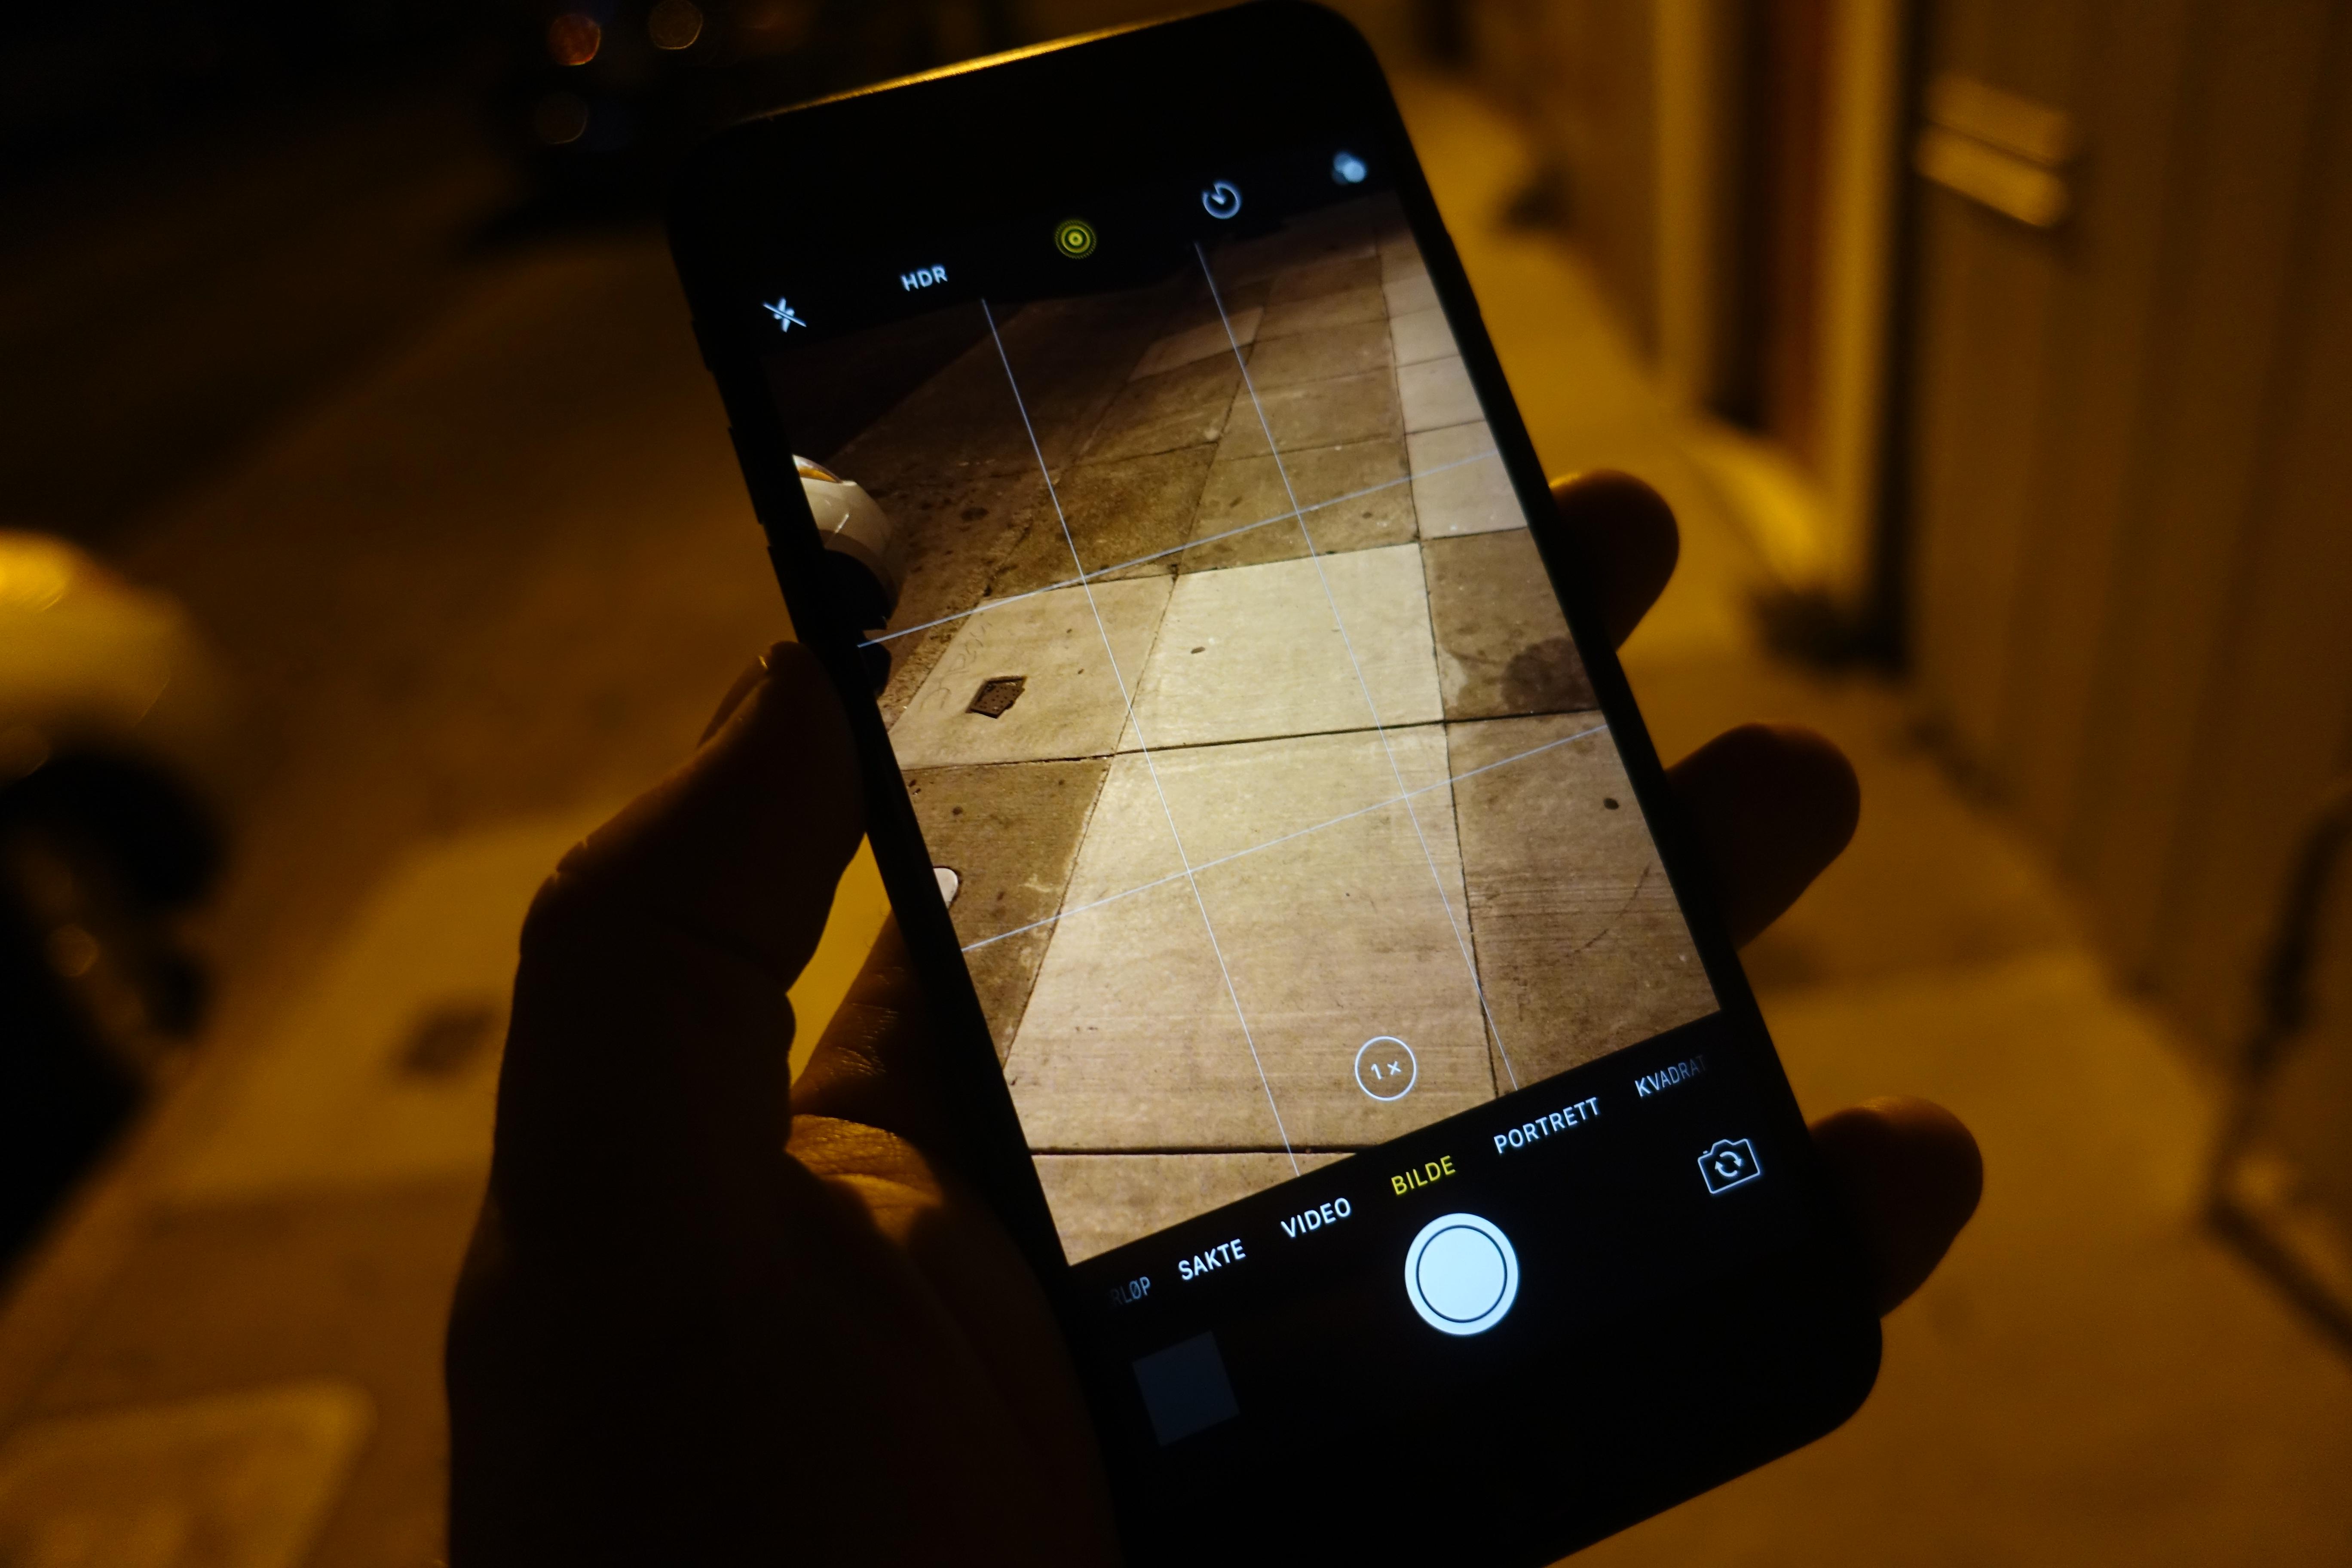 iPhone 7 Plus sliter som andre mobilkameraer når det er mørkt, men portrett-funksjonen er fin. Bildet er tatt med Sony RX100 IV.